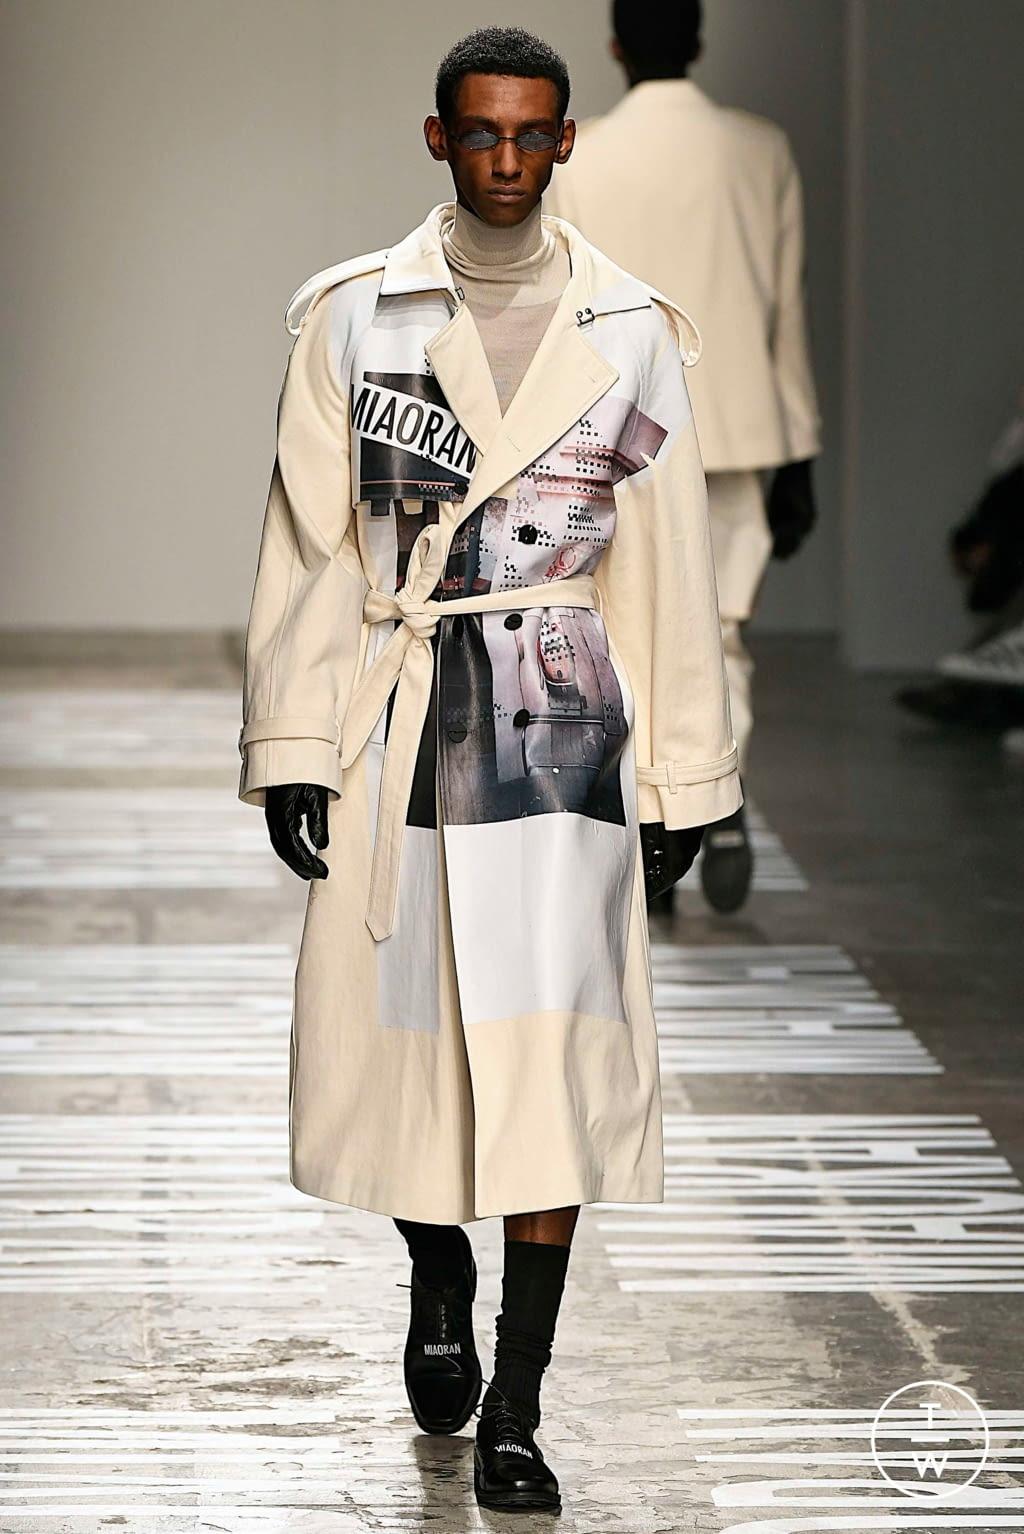 Fashion Week Milan Fall/Winter 2019 look 25 from the Miaoran collection menswear